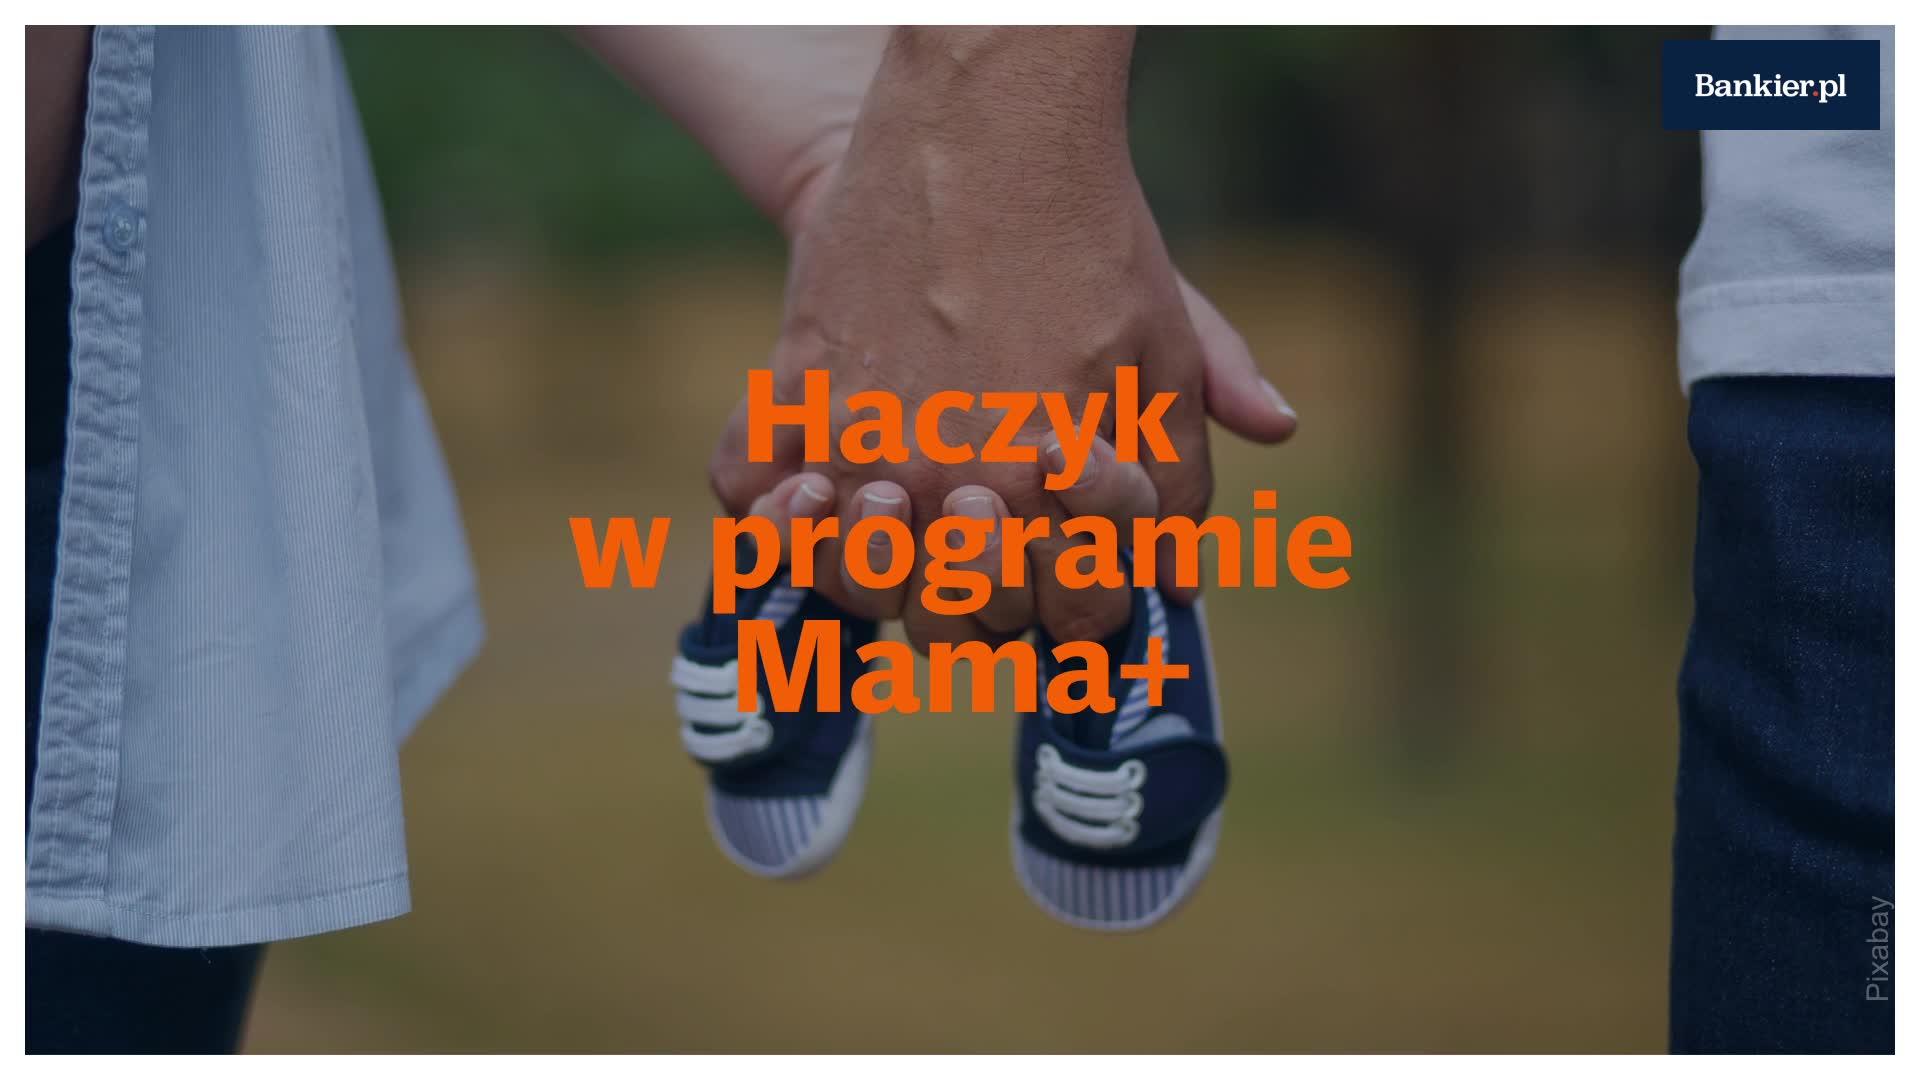 Haczyk w programie Mama+